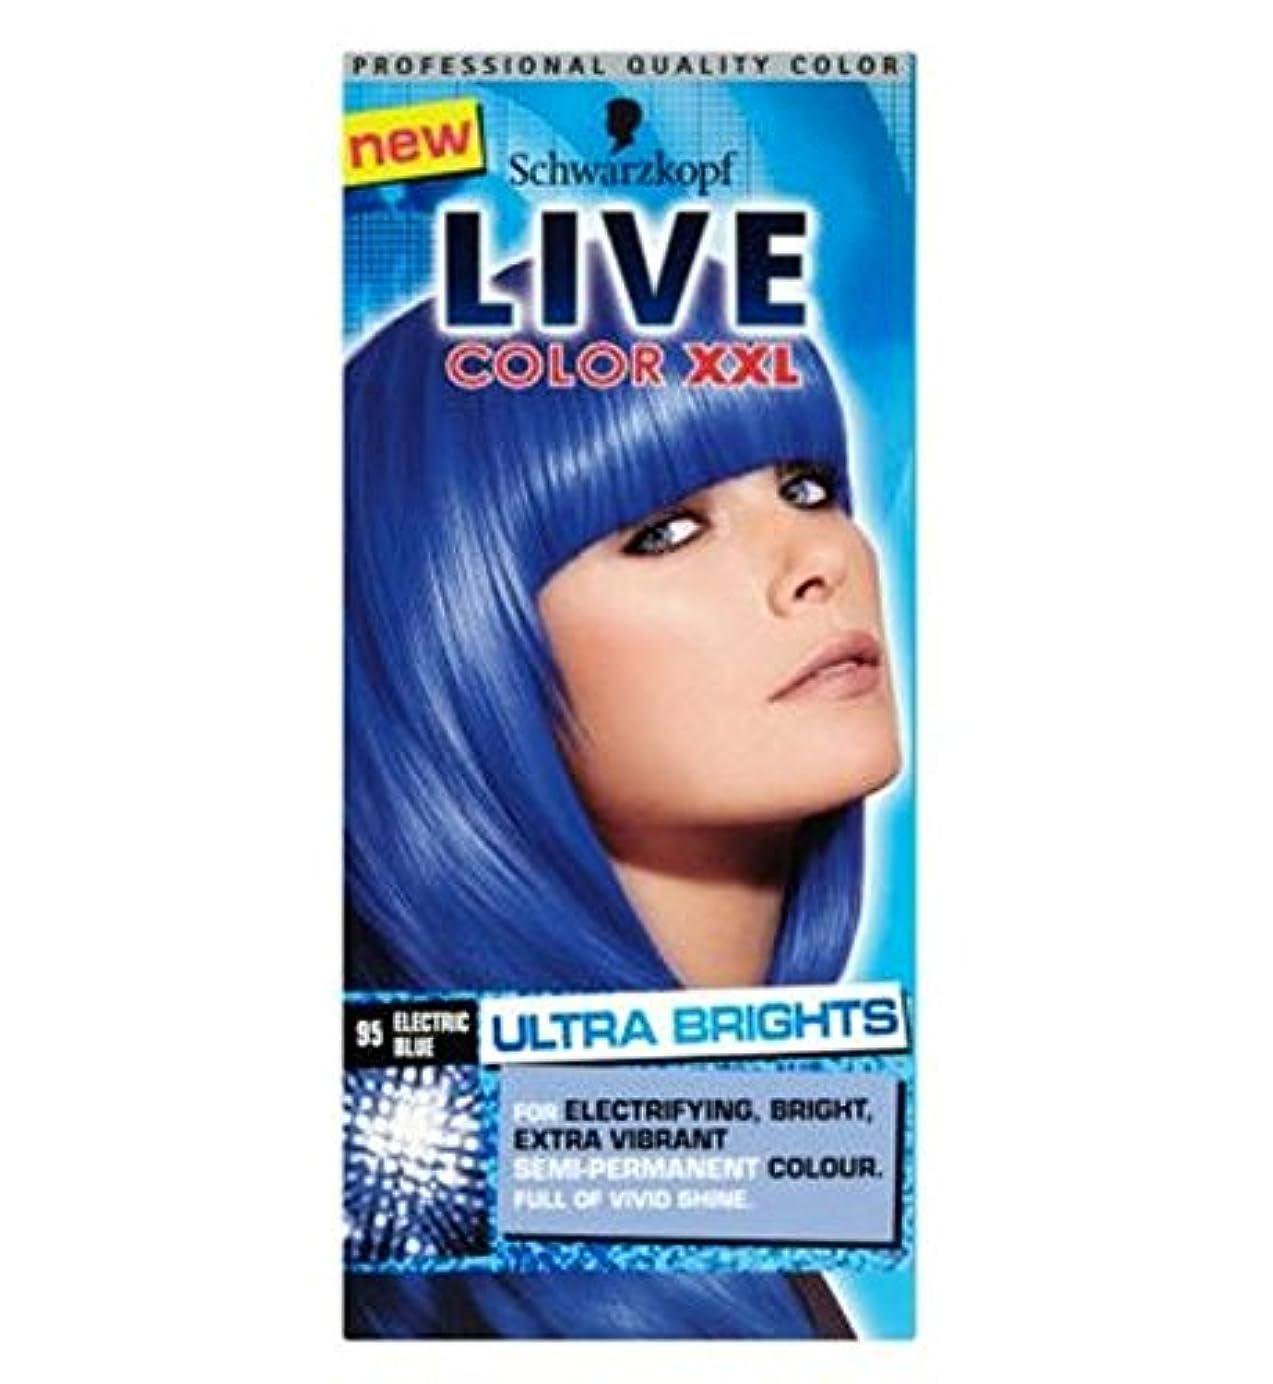 食べる計算可能採用Schwarzkopf LIVE Color XXL Ultra Brights 95 Electric Blue Semi-Permanent Blue Hair Dye - シュワルツコフライブカラーXxl超輝95エレクトリックブルー...